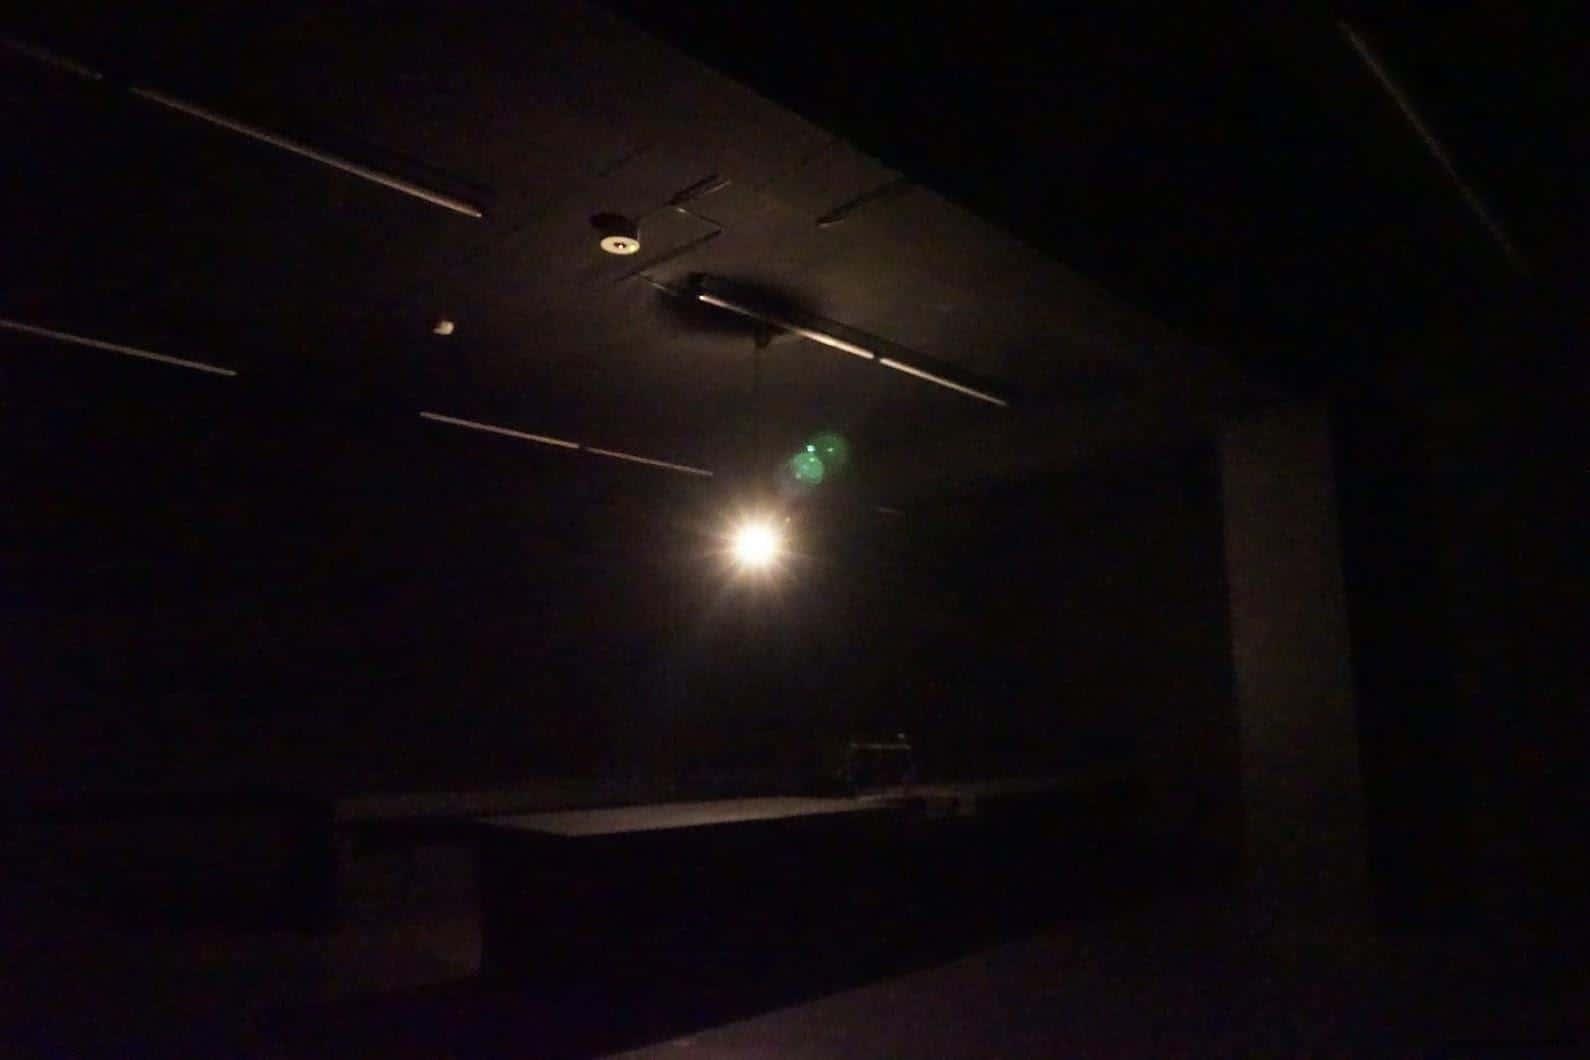 克利斯蒂安‧波爾坦斯基+將‧卡爾曼,最後的教室,一盞垂落的燈、拉子的鐵門,昏暗燈光隨著燈泡擺盪 克利斯蒂安‧波爾坦斯基+將‧卡爾曼,最後的教室,伴隨著「動...動...動...」有頻率的低音敲打,燈泡也跟著明亮或熄滅,無形的壓力圍繞在身旁,忍不住想要快點離開這個鬼地方 最後的教室 最後的教室 the last class 05